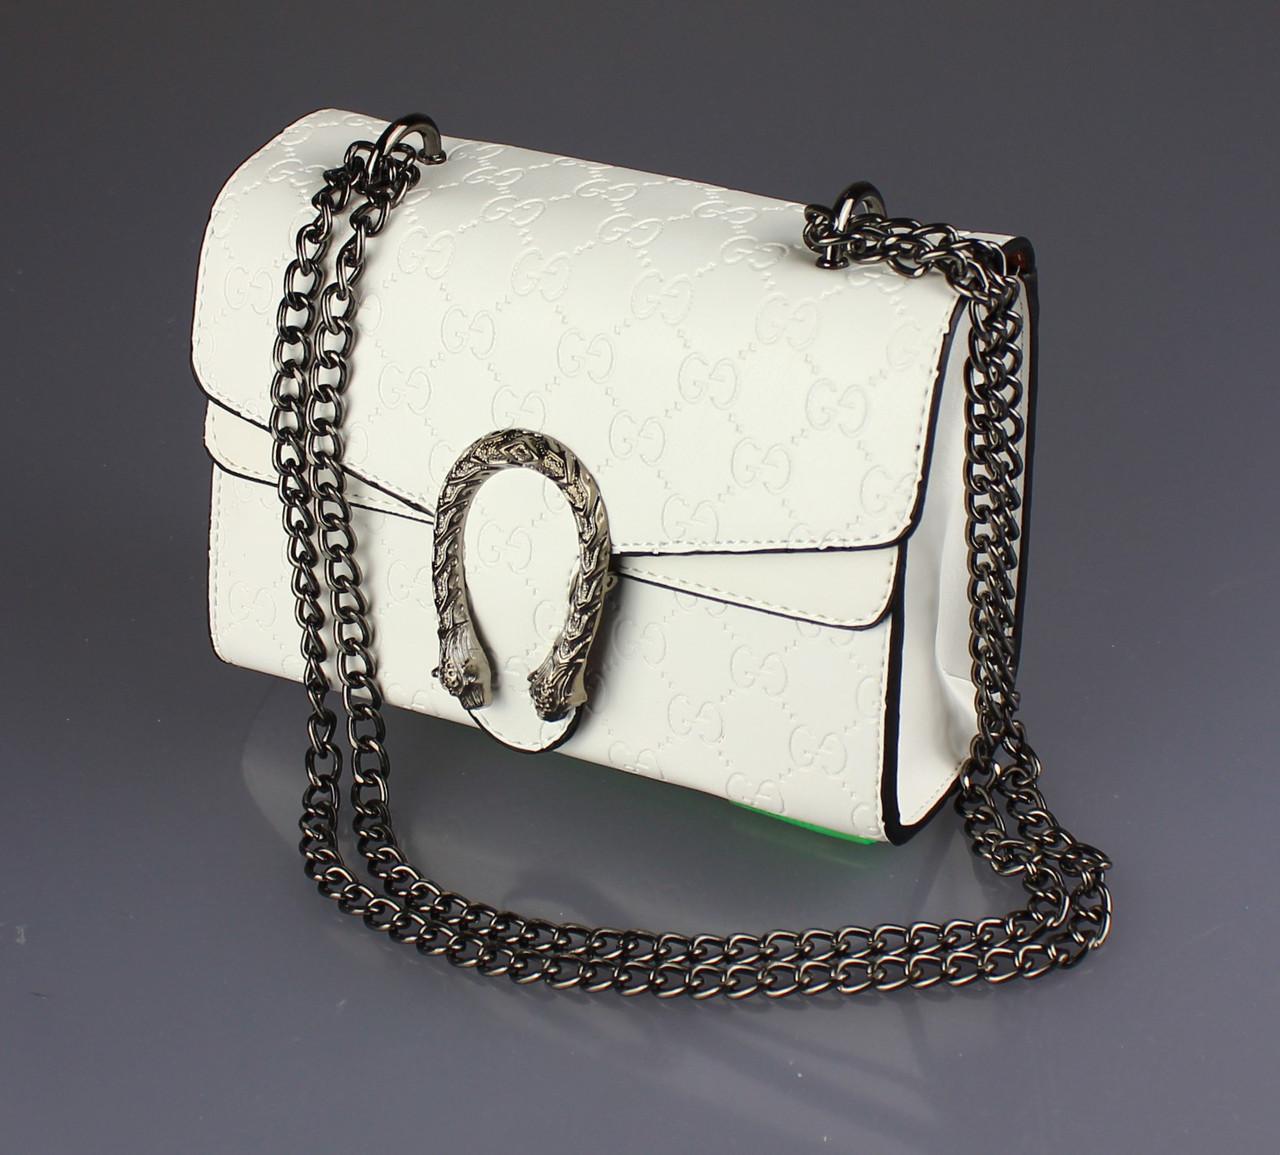 4c7e07059838 Женская сумка Gucci оптом. {есть:кремовый}: продажа, цена в Львове ...